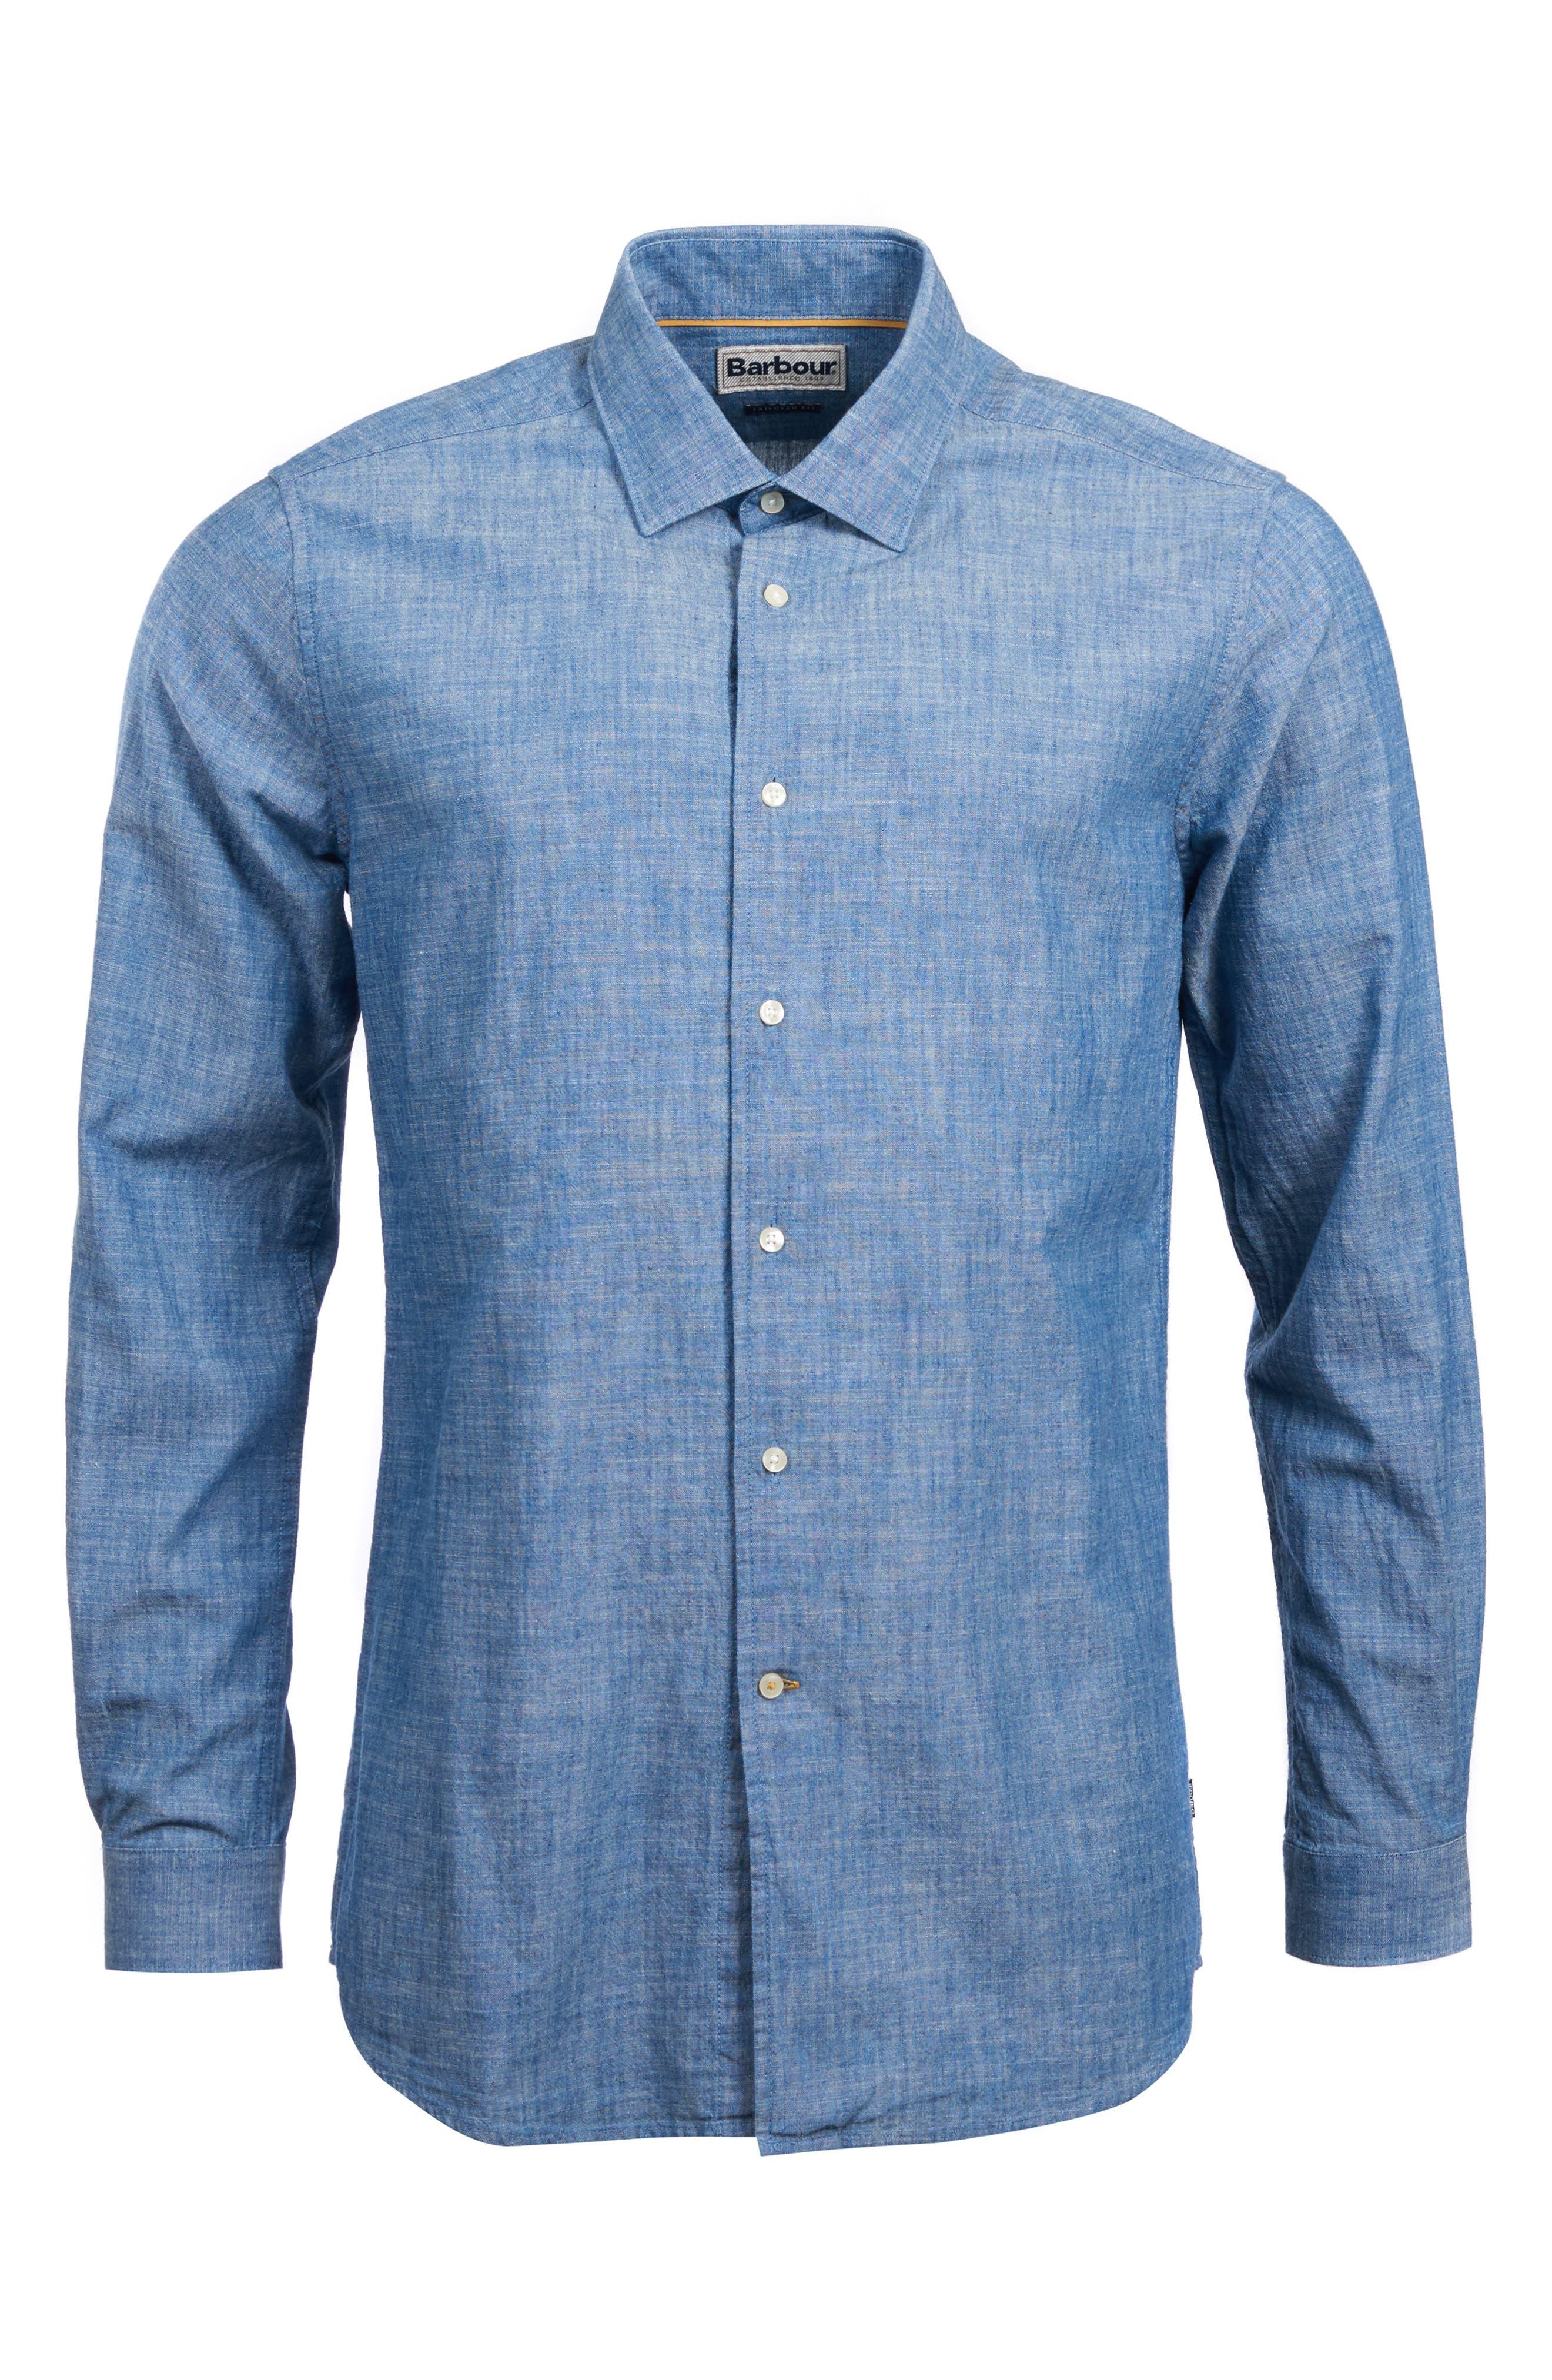 Highfield Chambray Shirt,                             Alternate thumbnail 4, color,                             INDIGO